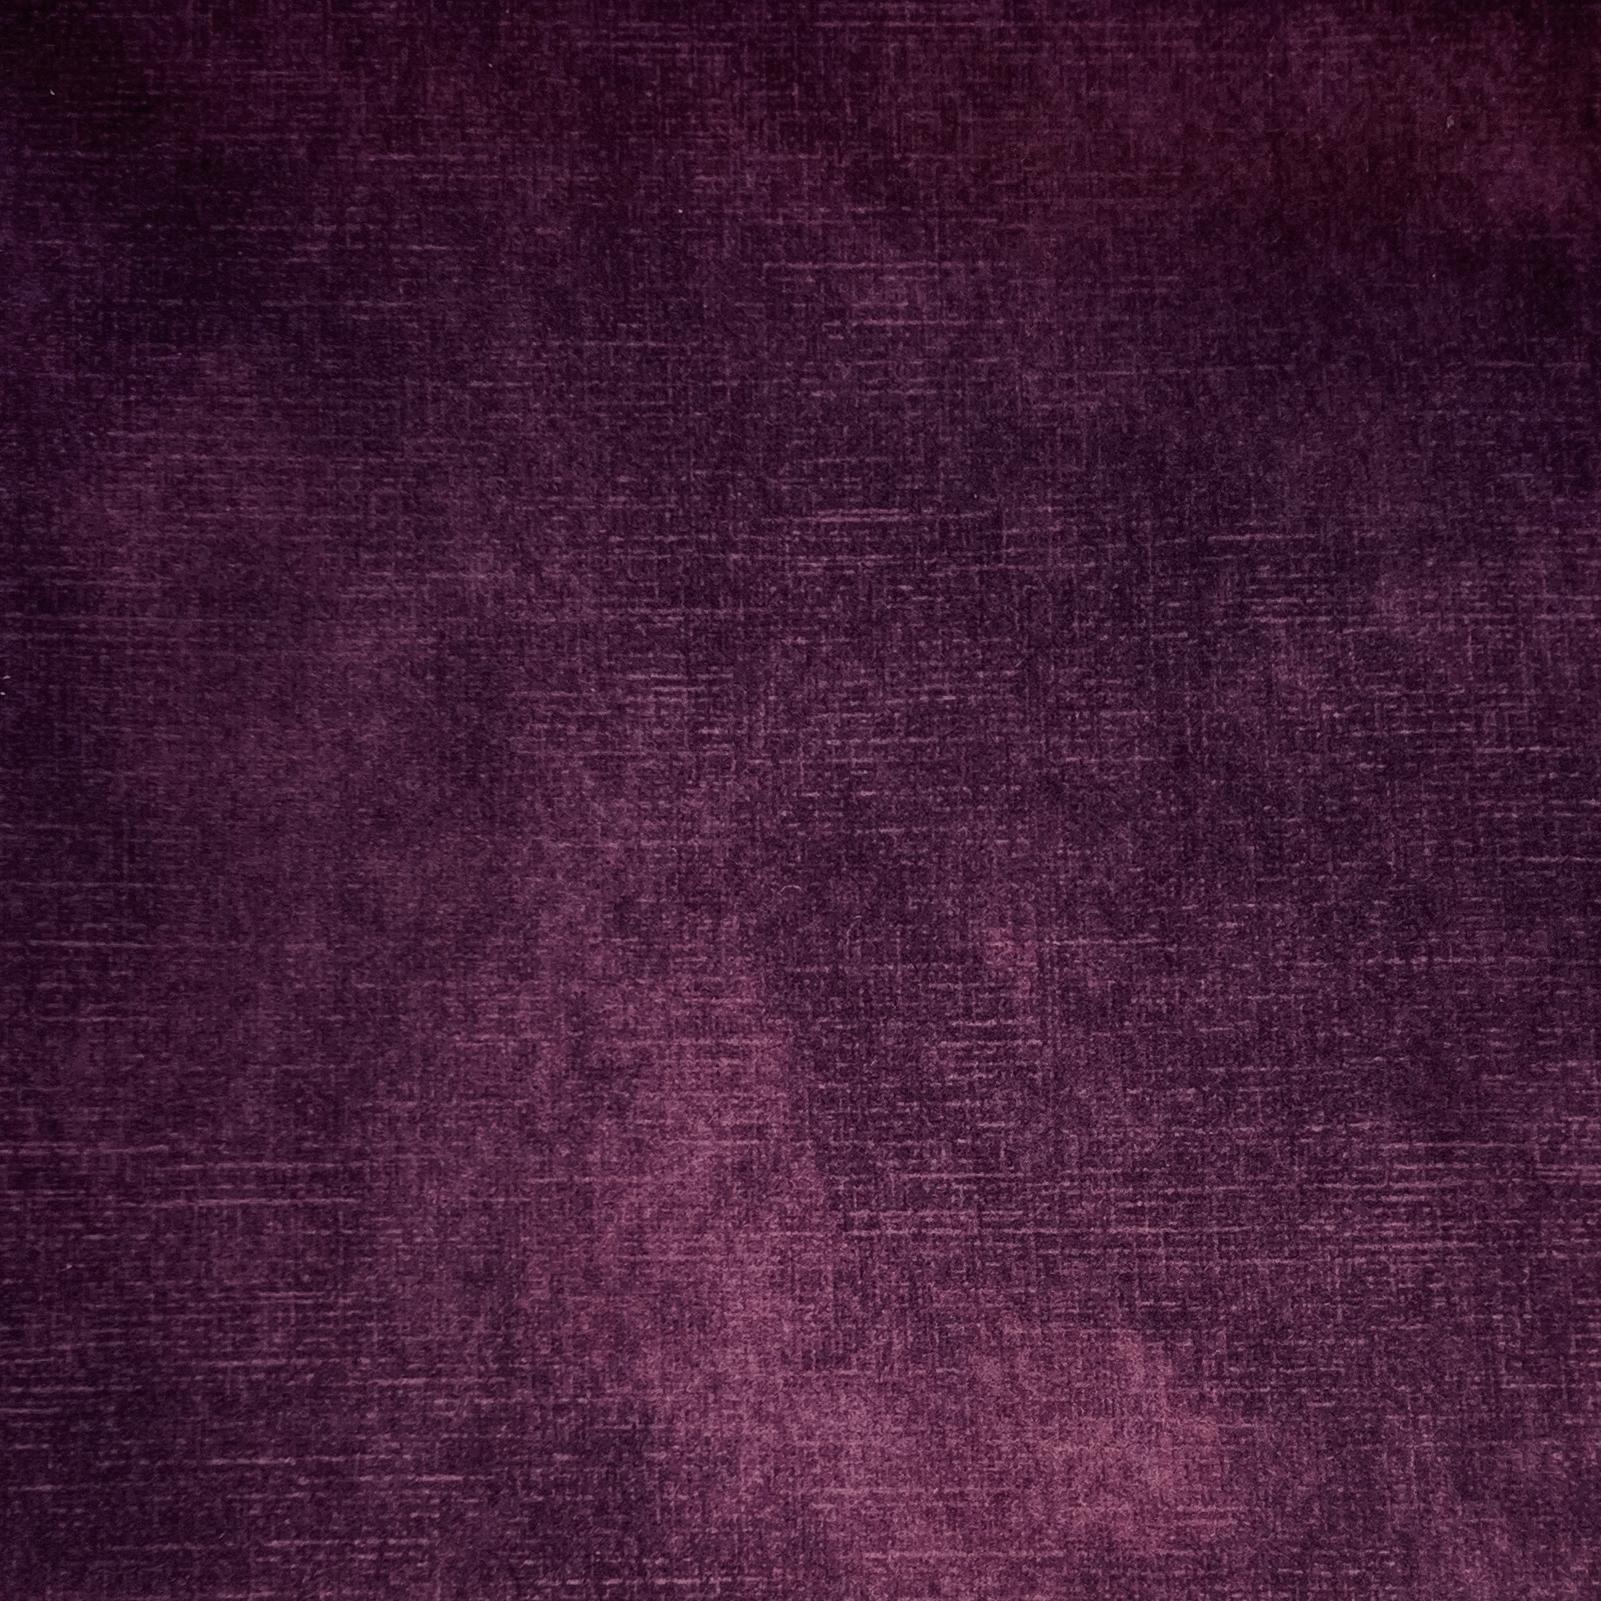 Aubergine Jewel Velvet Plain